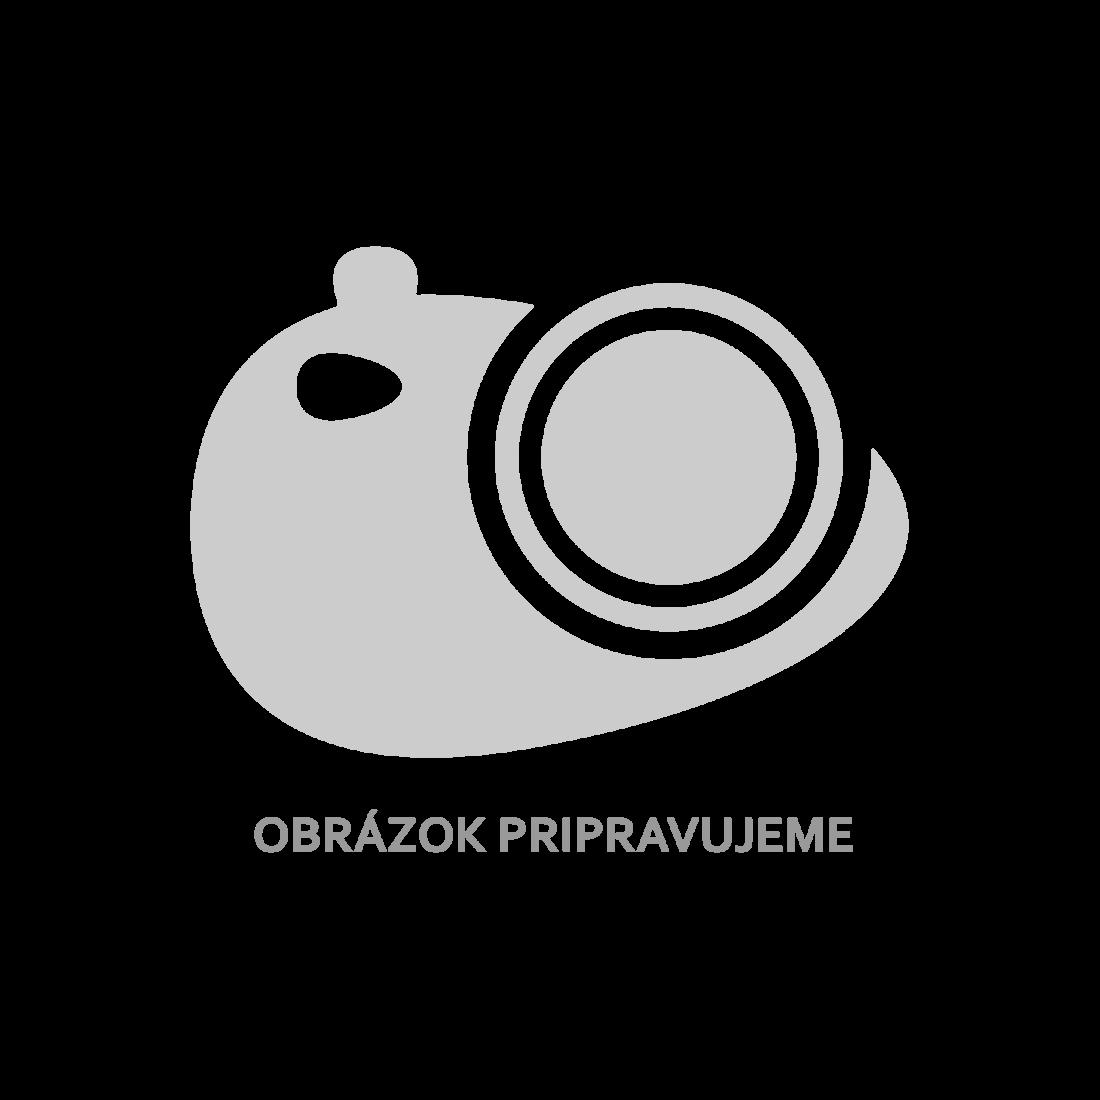 Nastaviteľná moderná biela barová stolička s chrómovou základnou